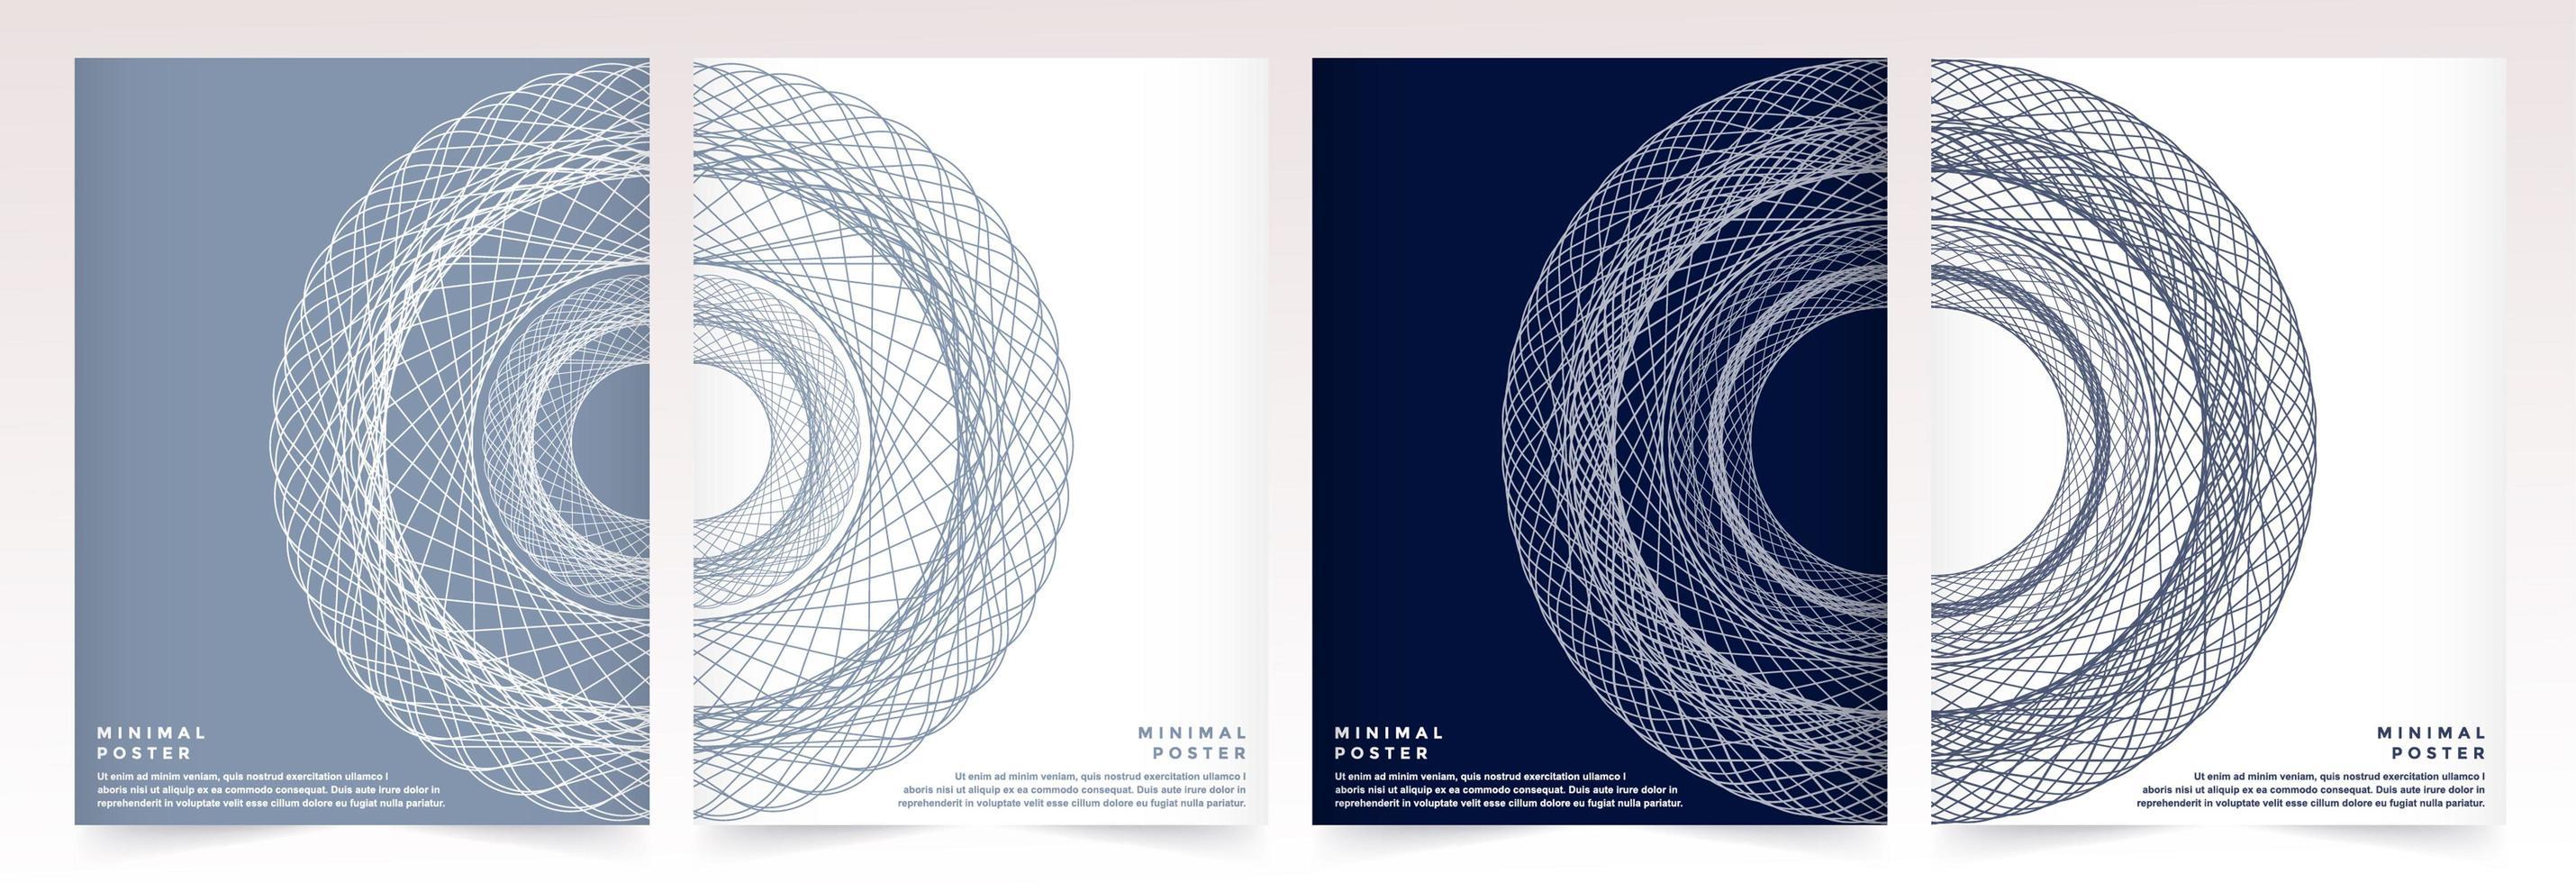 Los resúmenes coloridos minimalistas incluyen diseños de patrones geométricos. vector